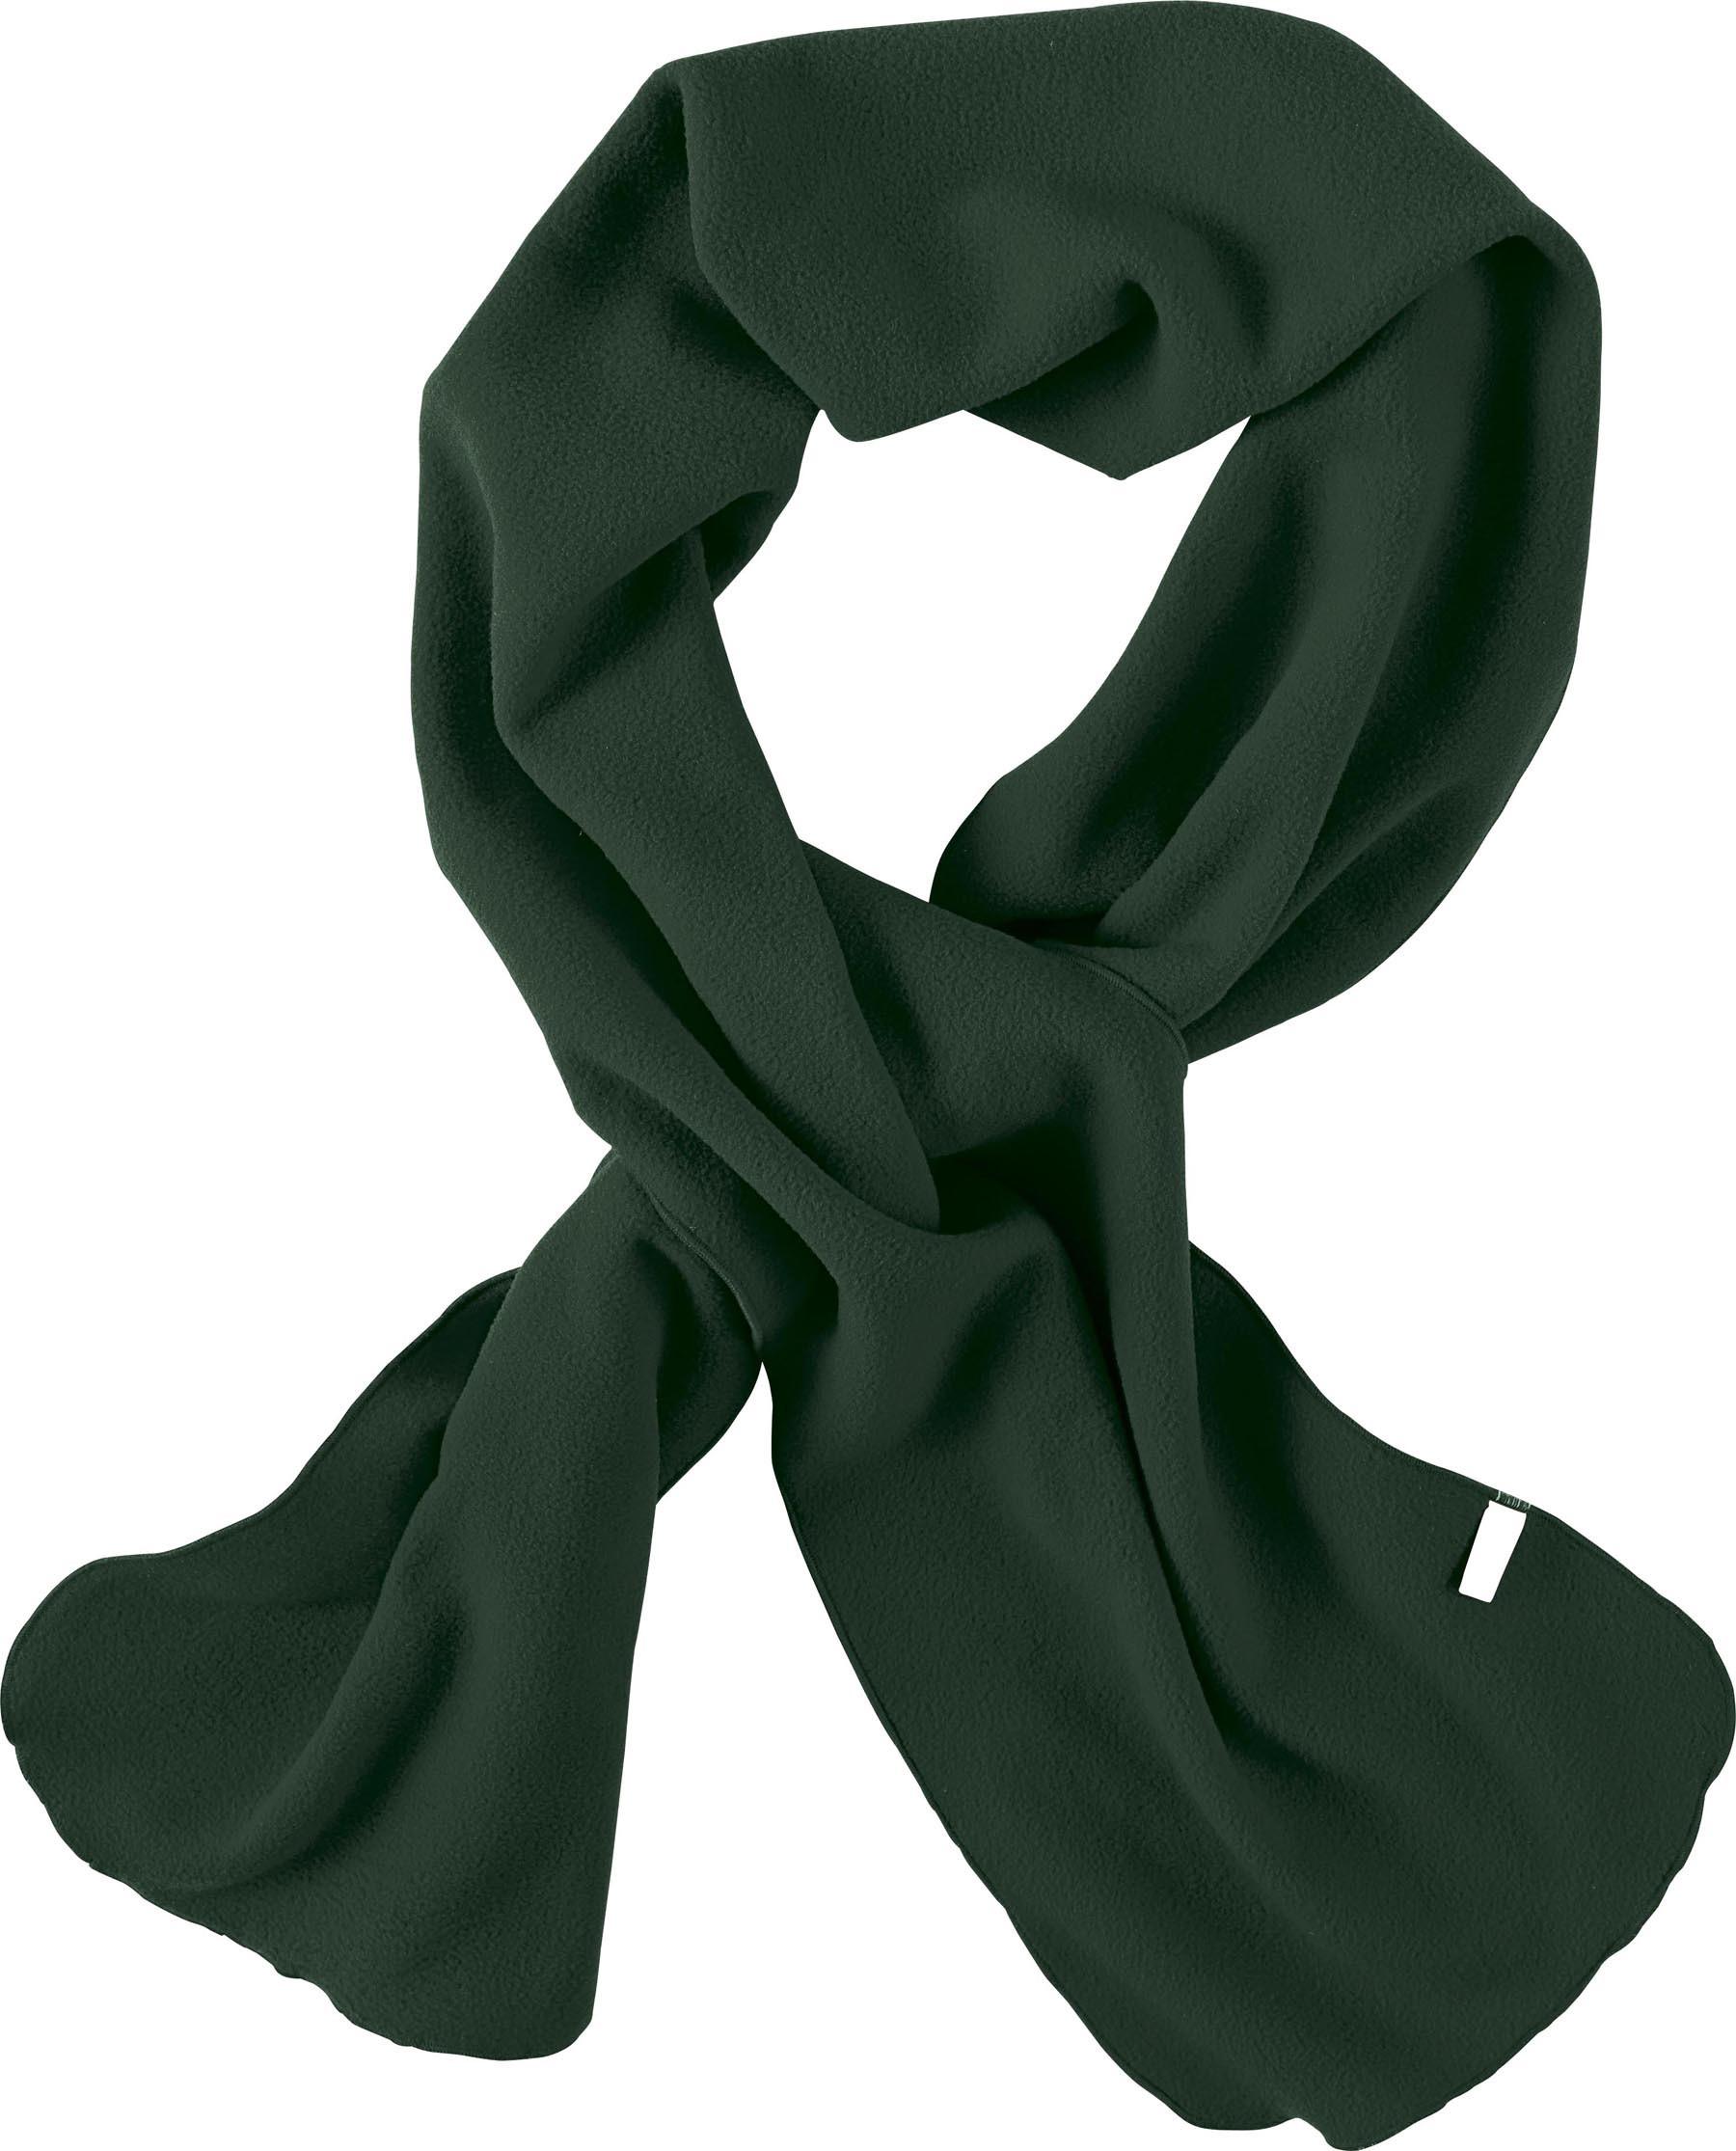 Ash City e.c.o Fleece 441012 - Recycled Polyester Fleece ...